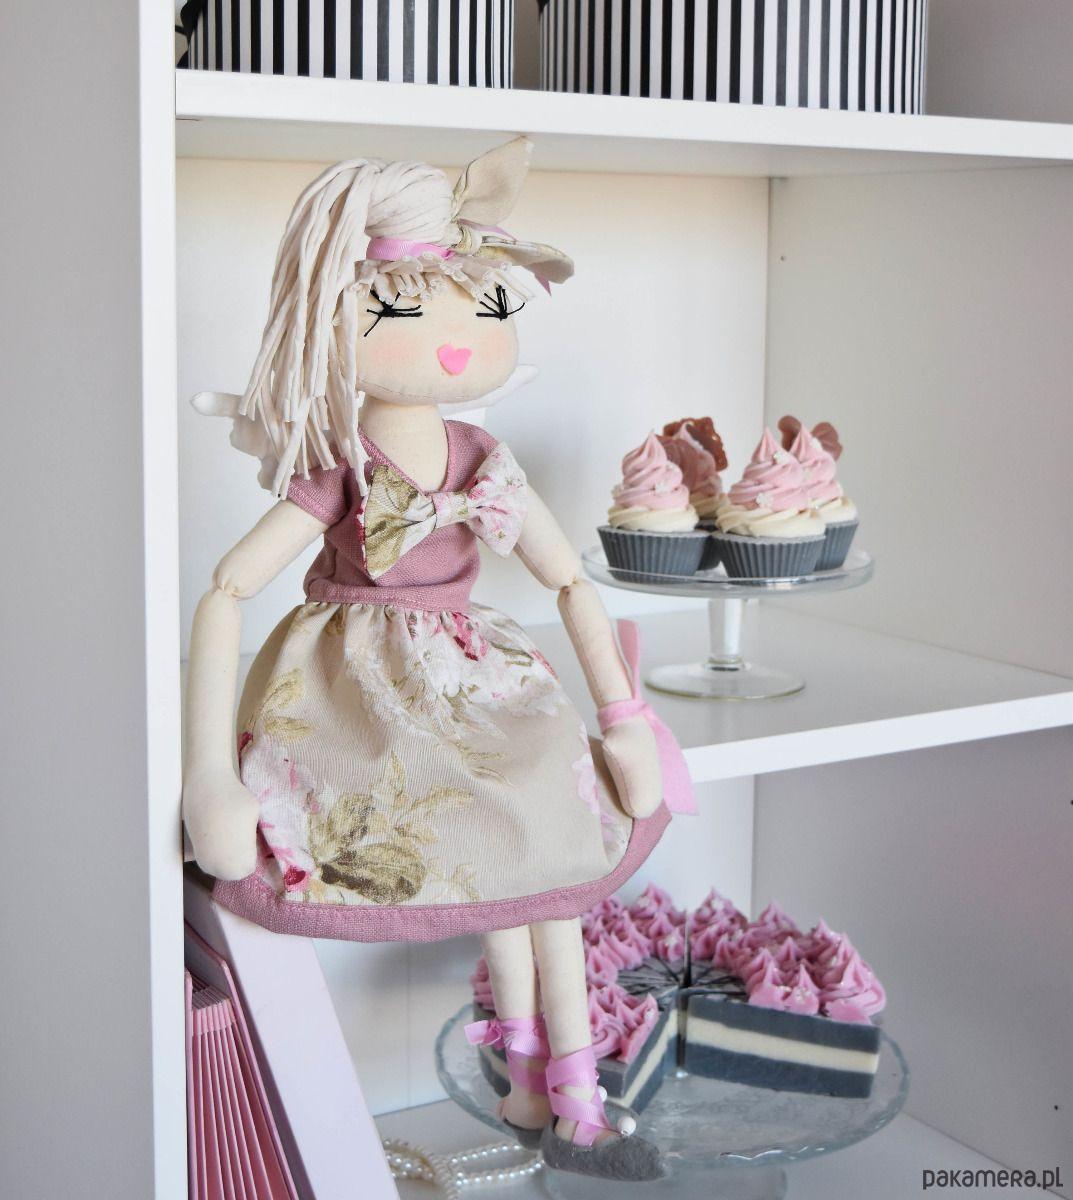 Przedmiotem  sprzedaży jest  własnoręcznie  wykonana bawełniana  Lala wypełniona  anty-alergicznym   silikonowym  wypełnieniem.  Lalka aniołek o  wysokości ok. 55 cm  wzrostu ma na sobie:   bluzeczkę,  spódniczkę, halkę ,  majteczki, butki  oraz skrzydełka (ubranka są  zdejmowane). Lal...